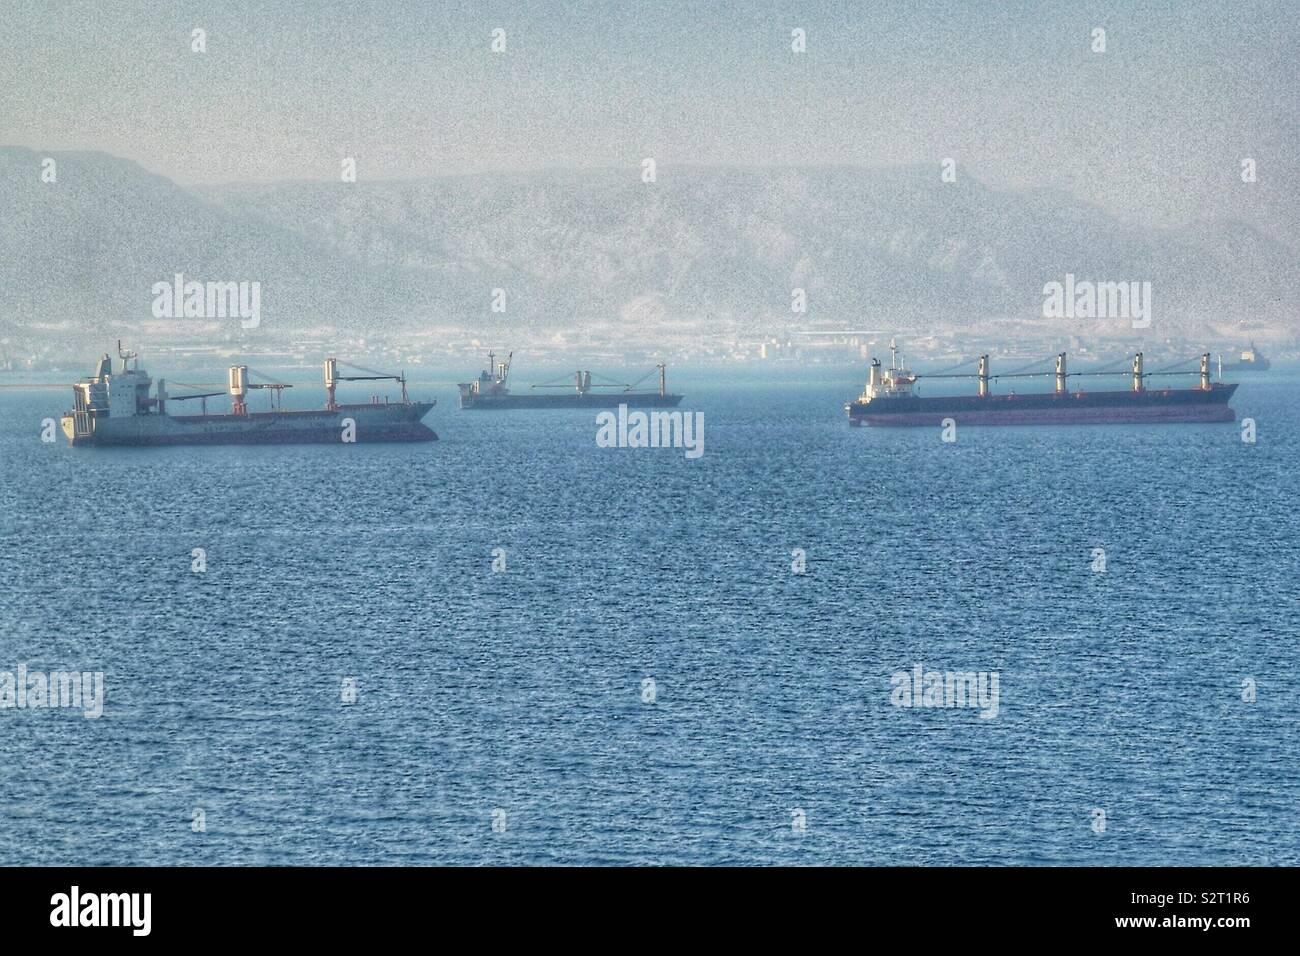 Les pétroliers d'attente afin de remonter le Canal de Suez la Mer Rouge. Novembre 2018. Banque D'Images